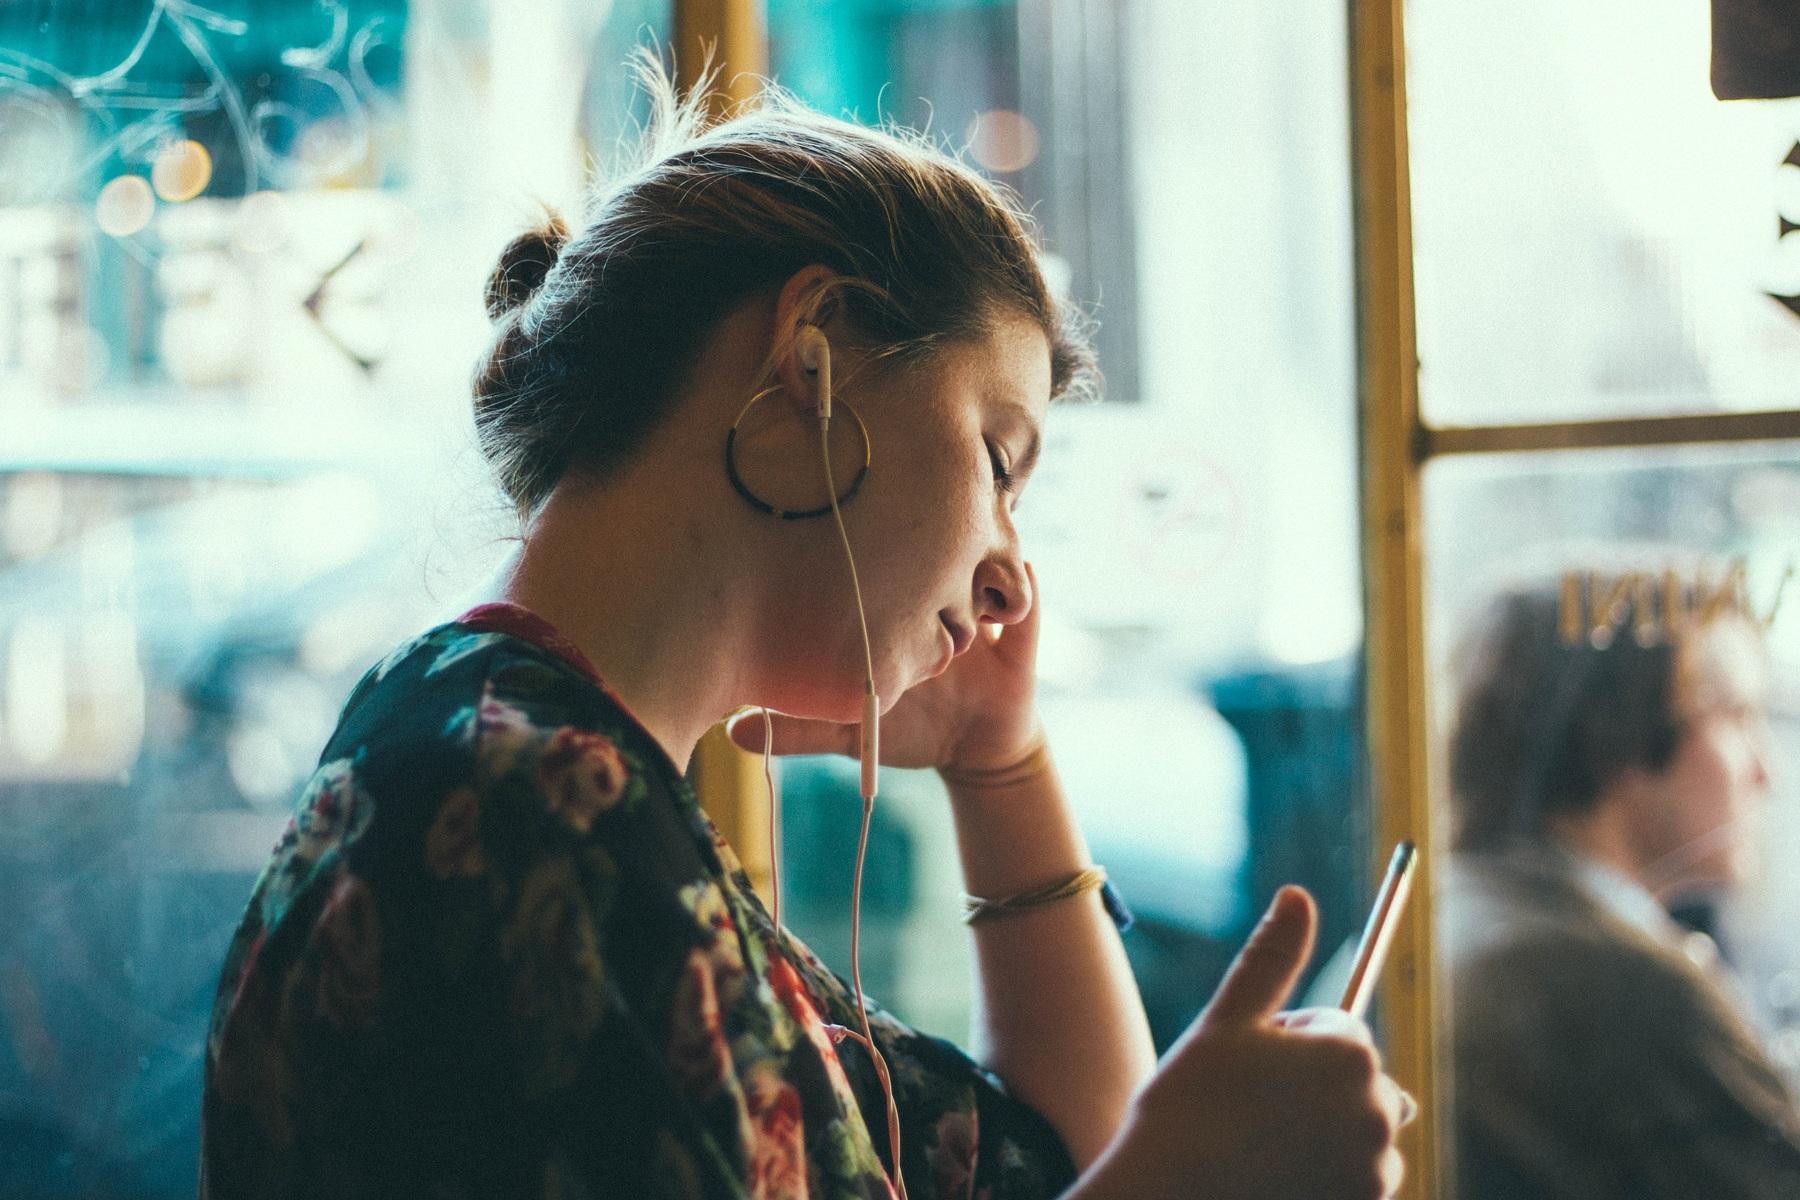 Zapuskajeťsja ukraїnśka literaturna onlajn-audioteka